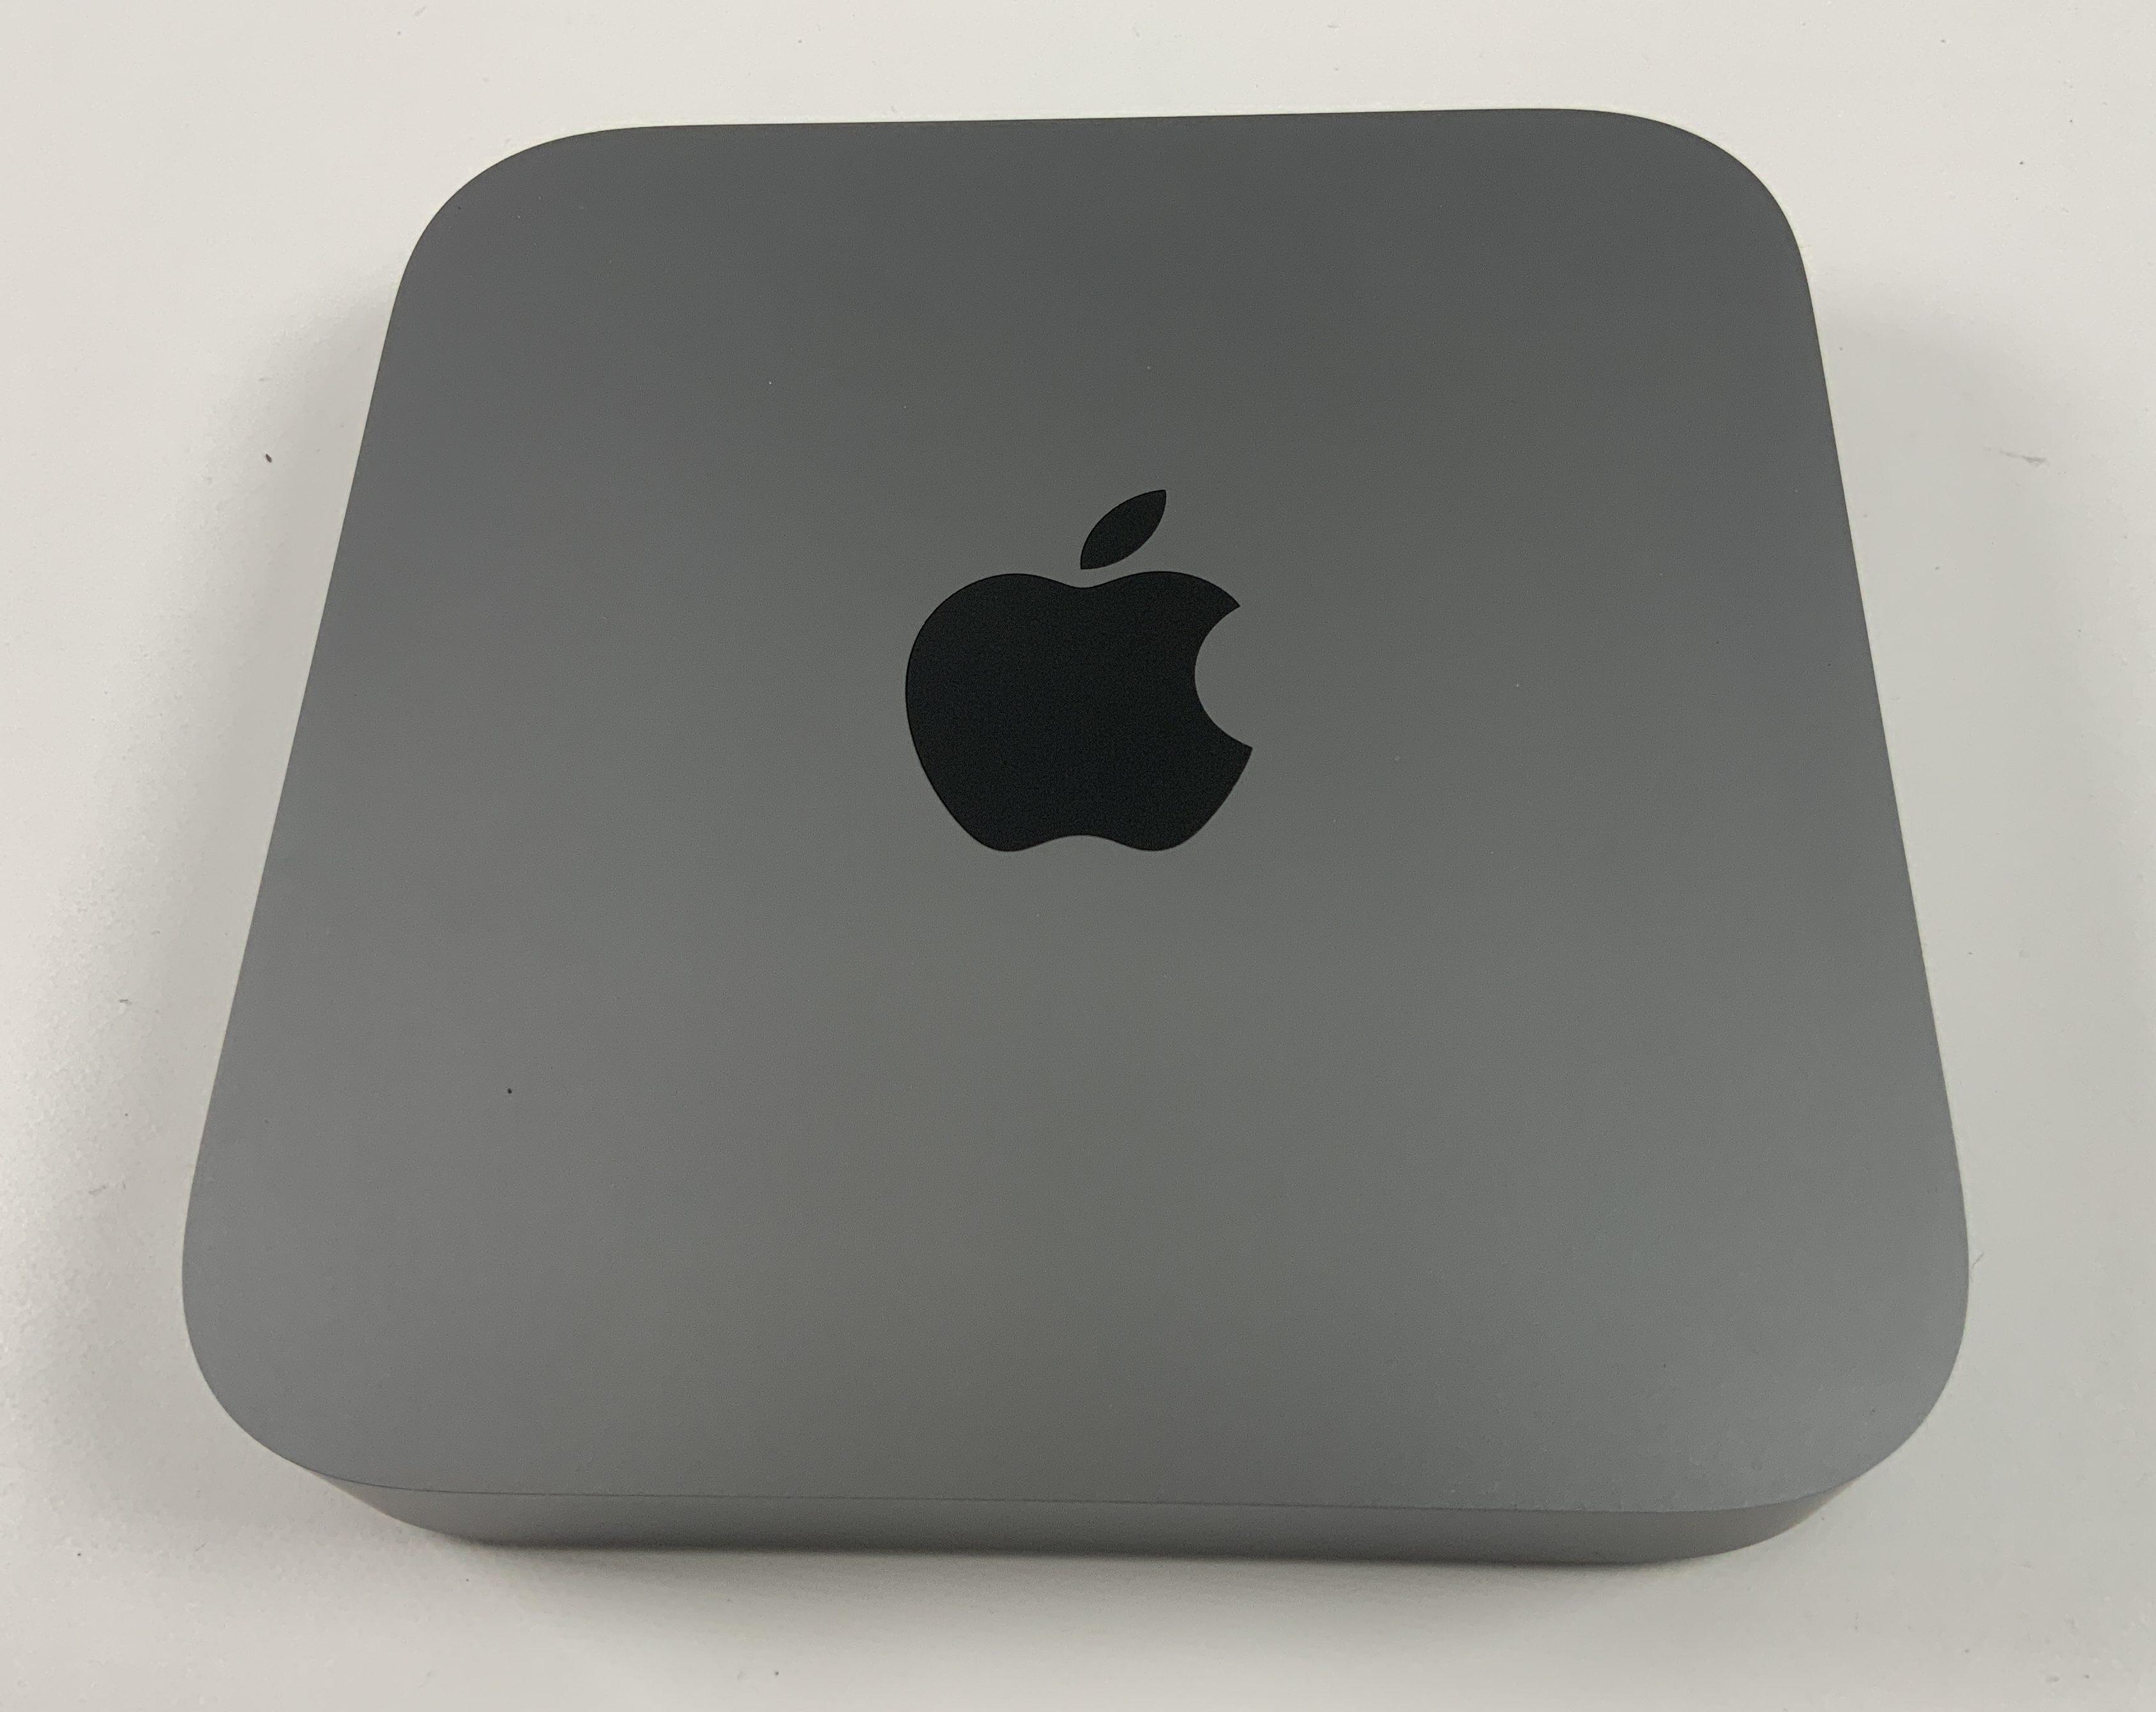 Mac Mini Late 2018 (Intel 6-Core i5 3.0 GHz 16 GB RAM 512 GB SSD), Intel 6-Core i5 3.0 GHz, 16 GB RAM, 512 GB SSD, Bild 1